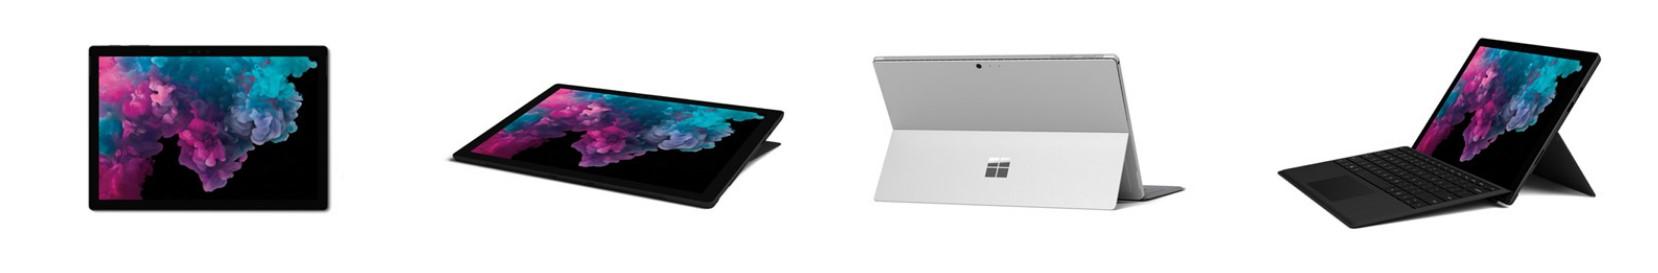 سرفیس پرو 6 (Surface Pro 6)